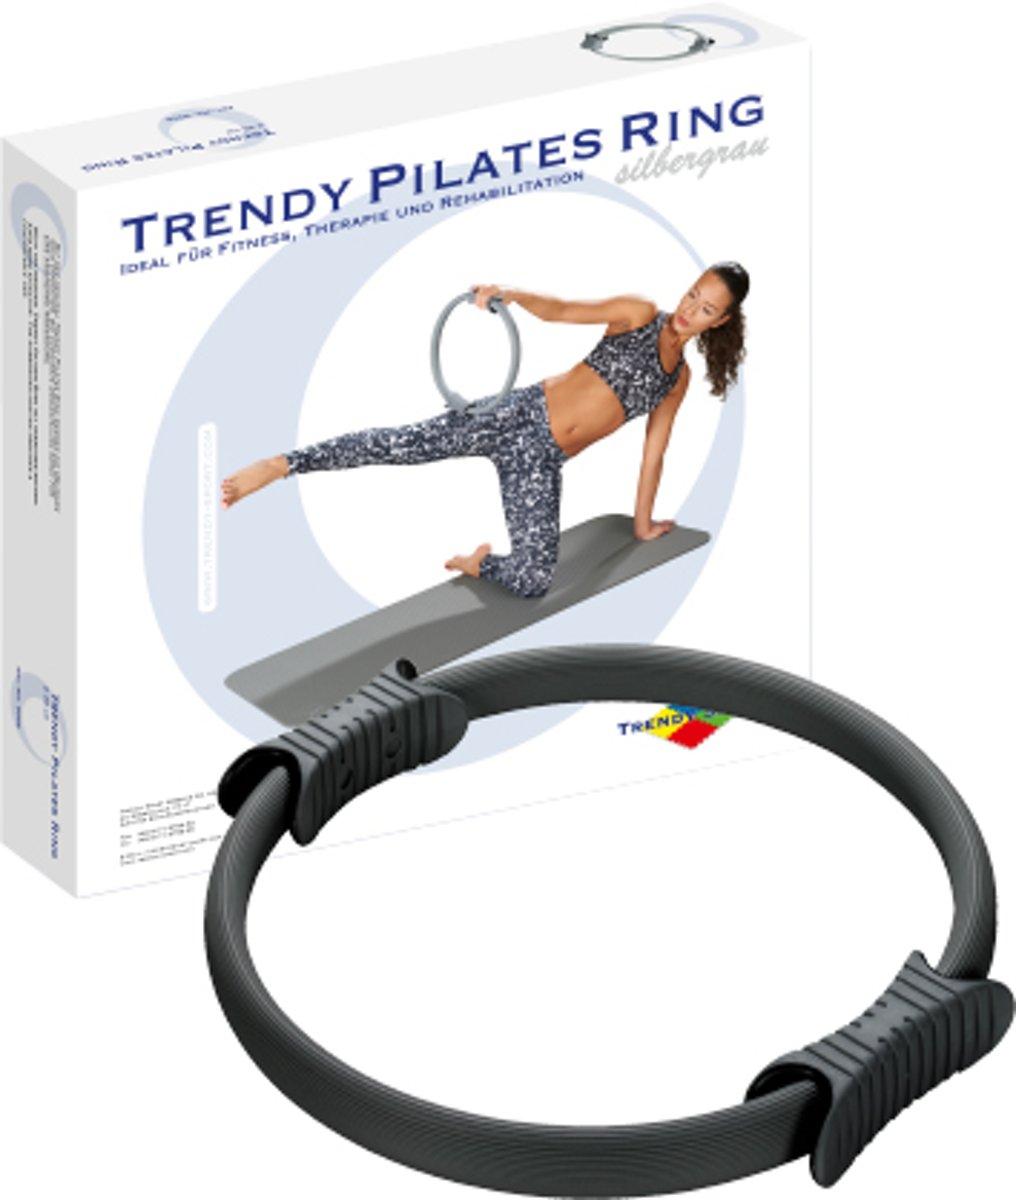 Trendy Sport Pilates Ring - Oefenring voor Pilates - Antraciet - Ø 38 cm kopen